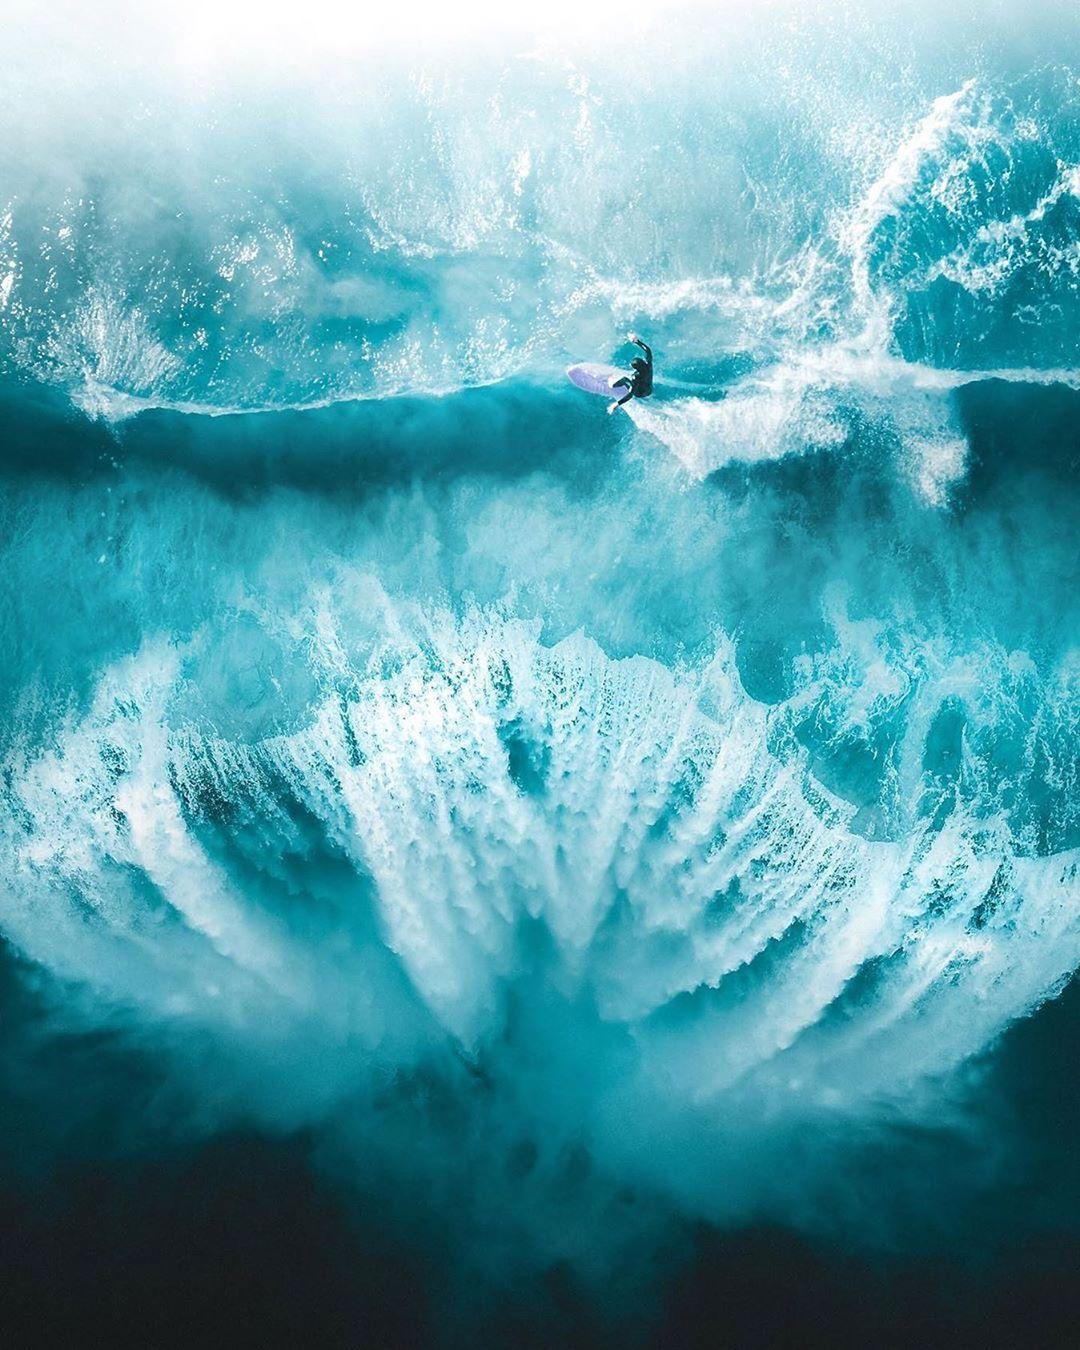 La Plus Grande Vague Du Monde Tsunami : grande, vague, monde, tsunami, Mentions, J'aime,, Commentaires, Drone, Travel, Photography, (@drone.exec), Instagram, Cool…, Photographie, Aérienne,, Vague,, Aérienne